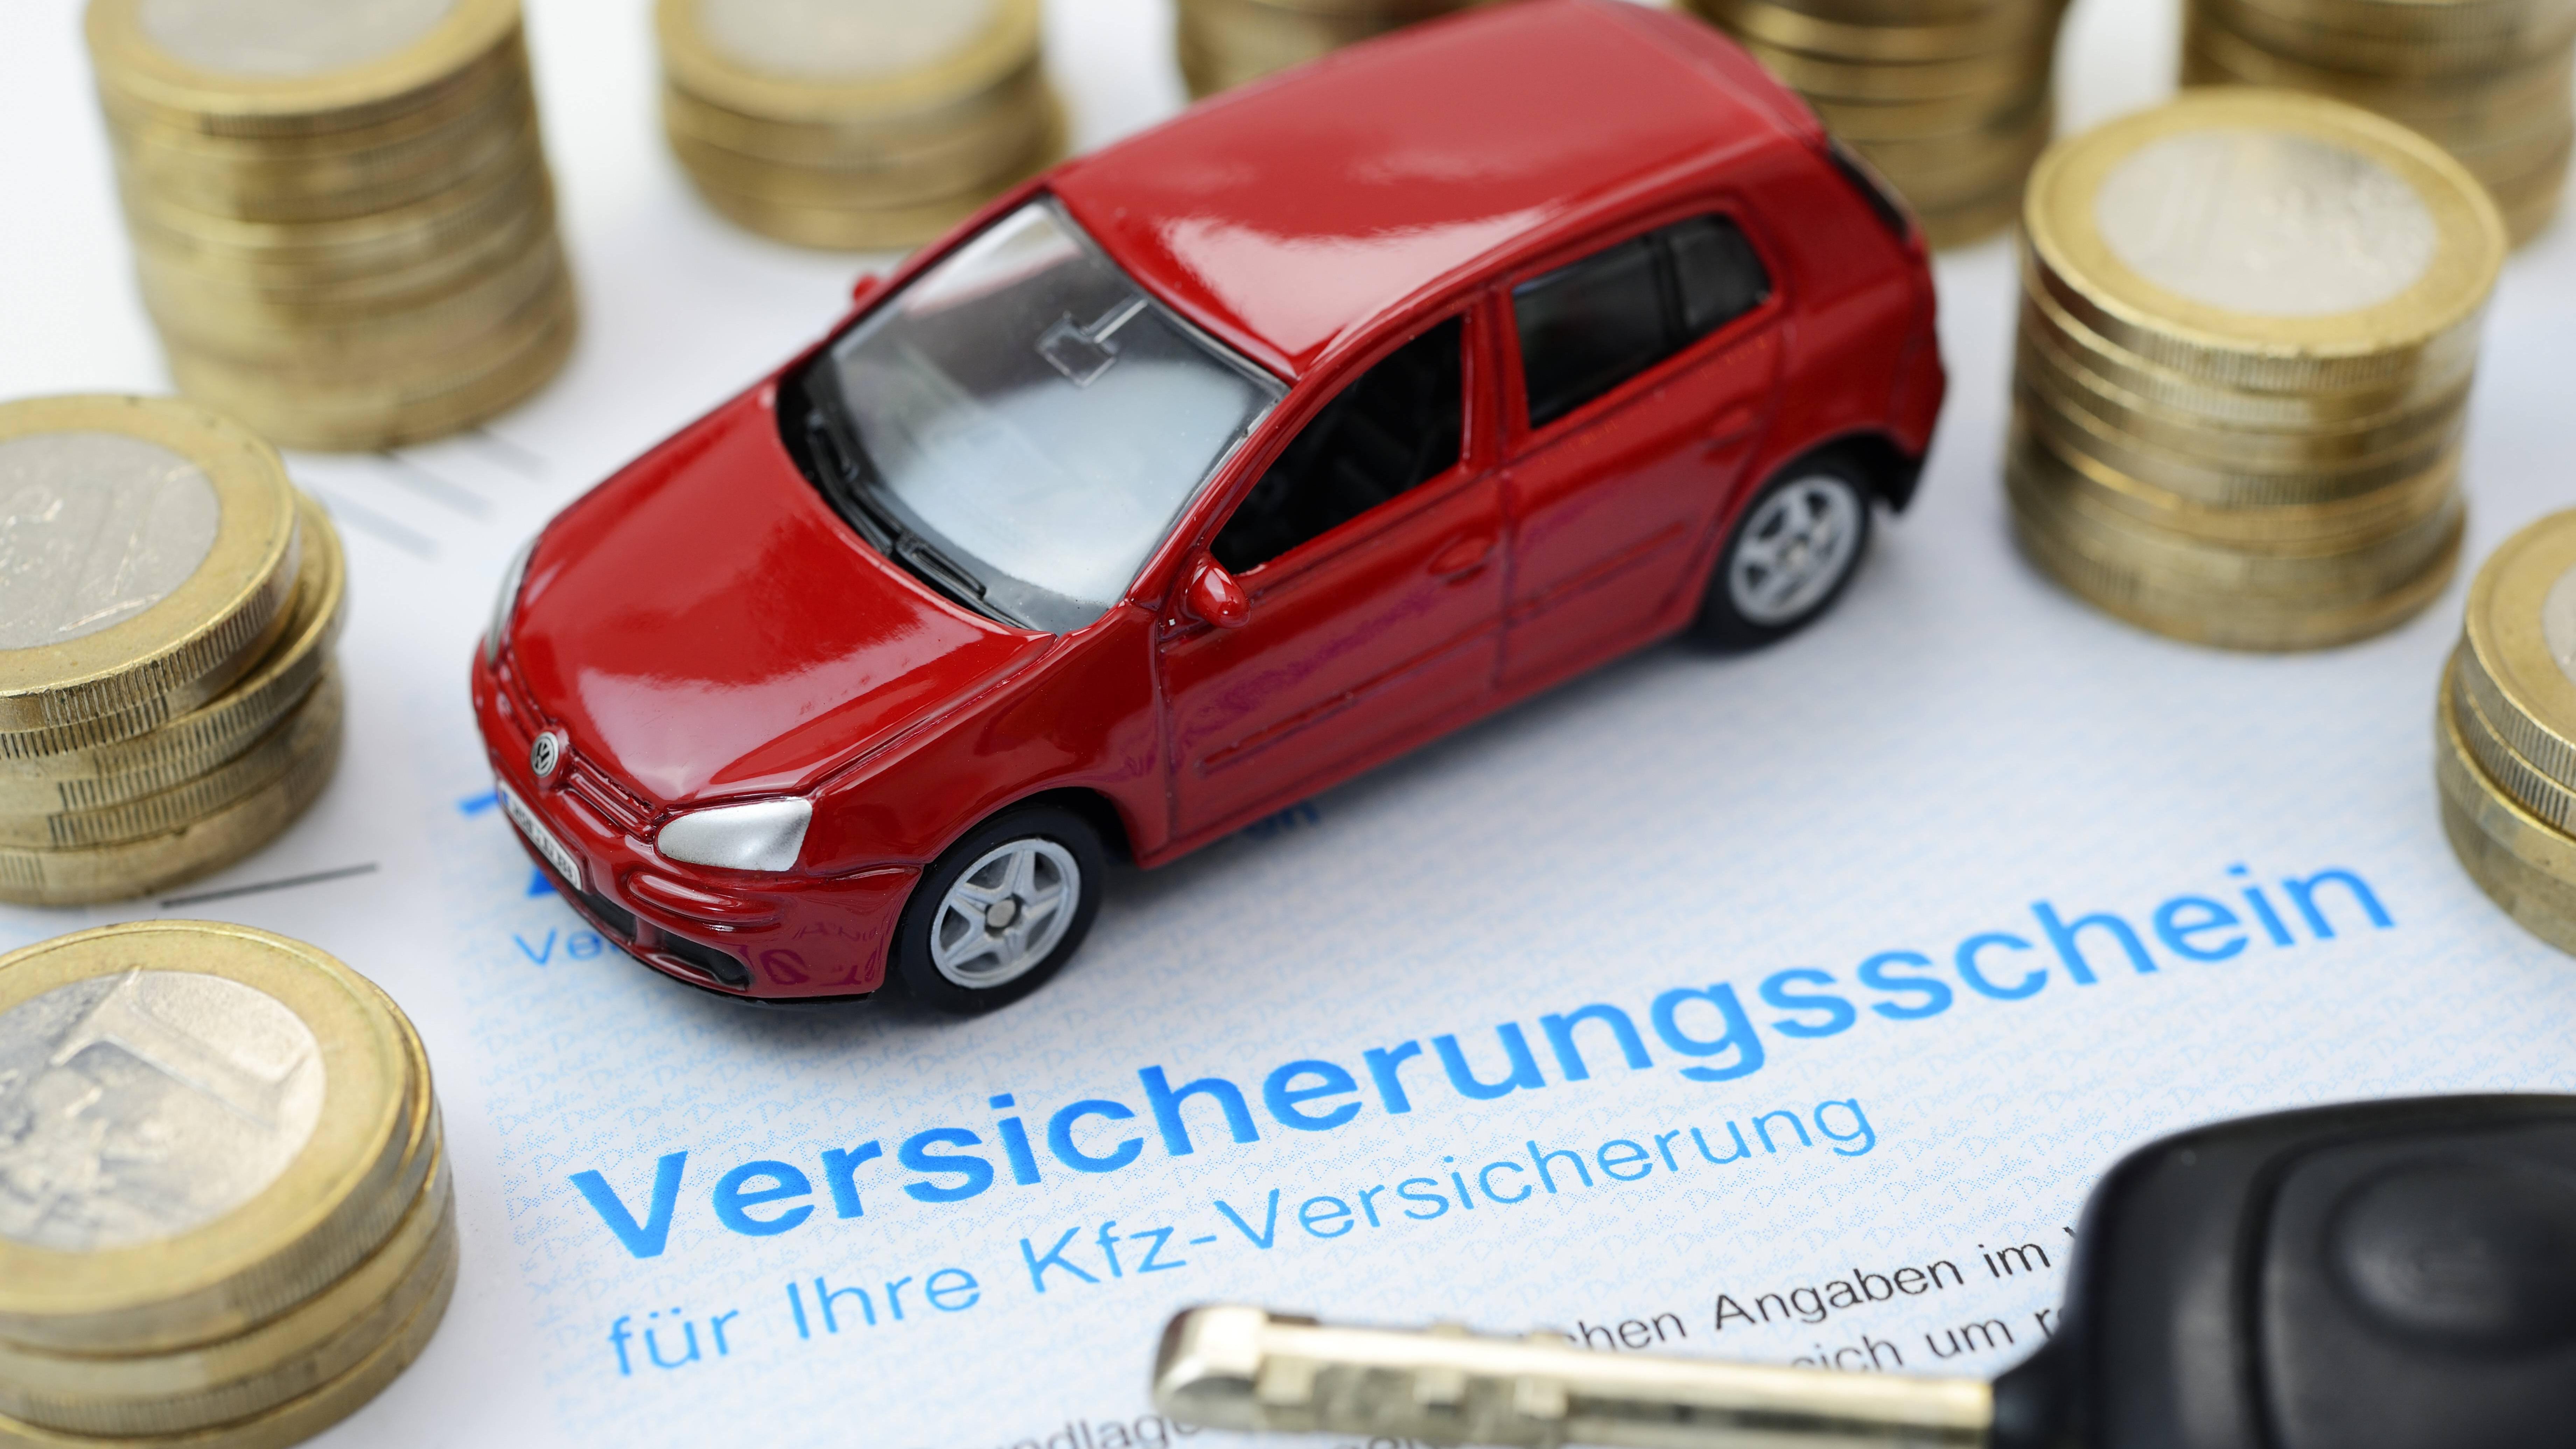 EUROPA KFZ-Versicherung kündigen – so geht's